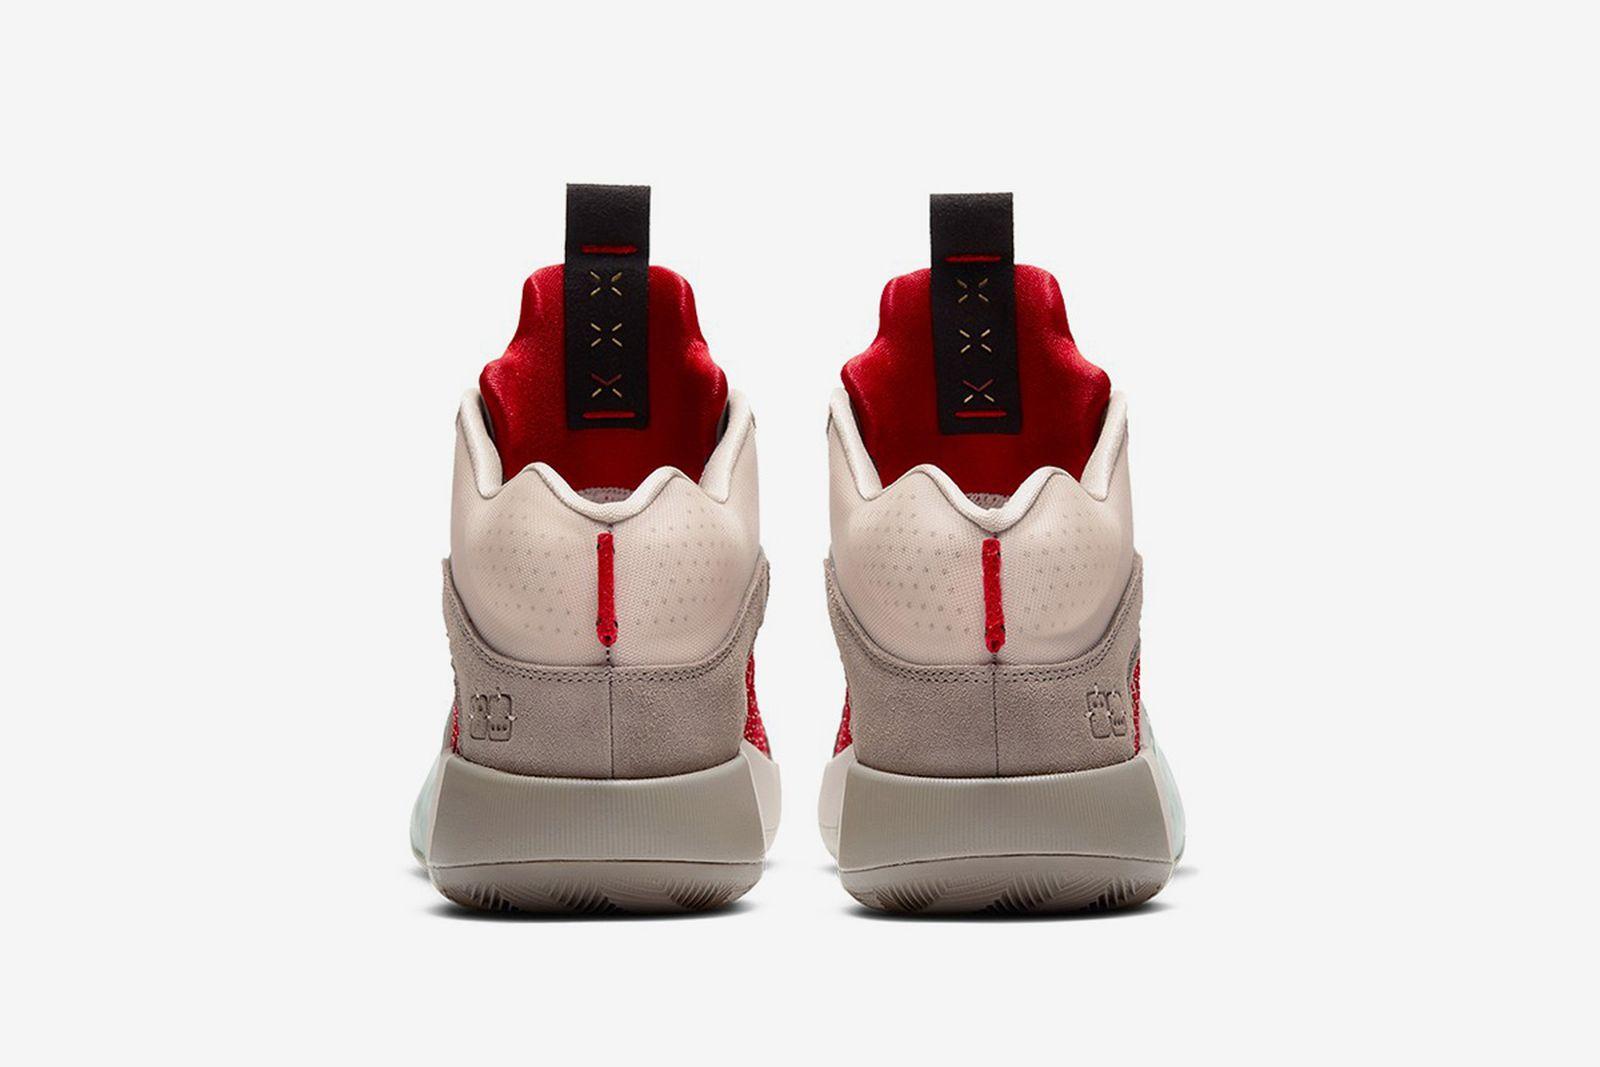 clot-air-jordan-35-release-date-price-05